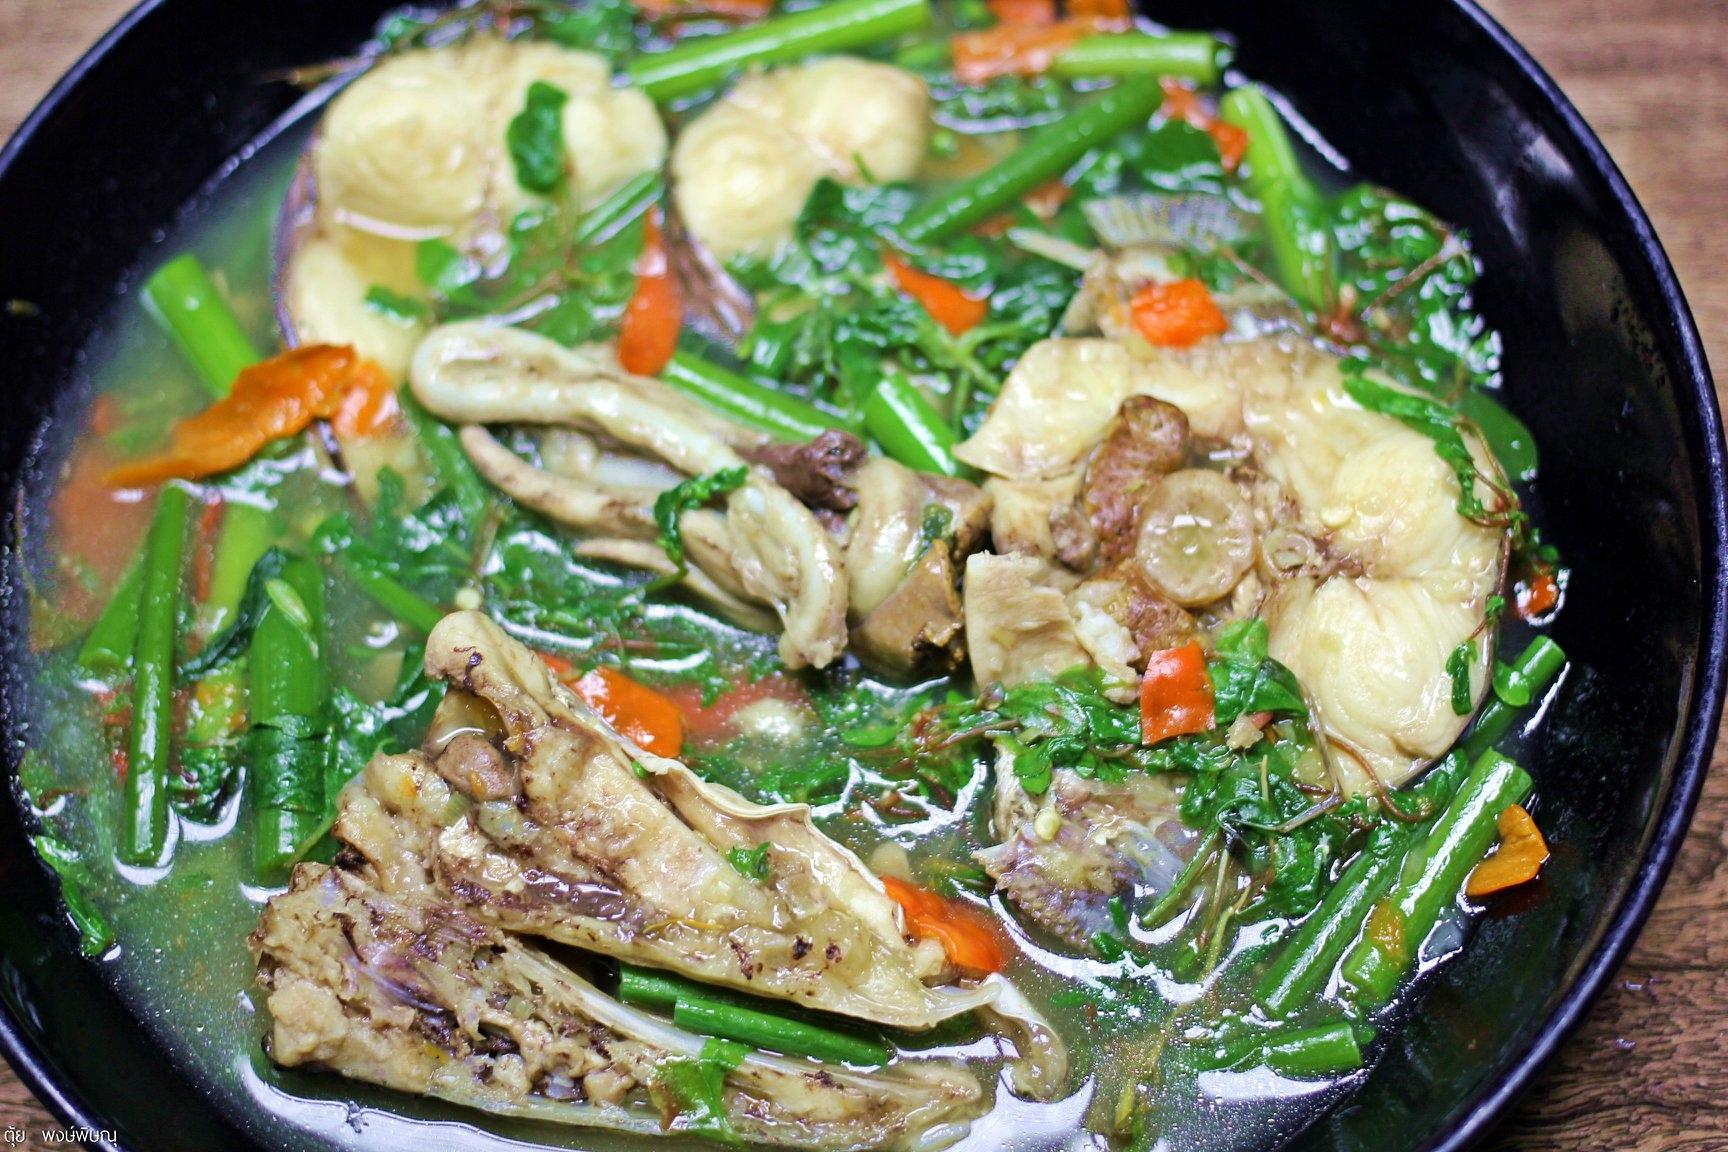 แกงปลาค่อใหญ่ใส่ผักขี้ขม